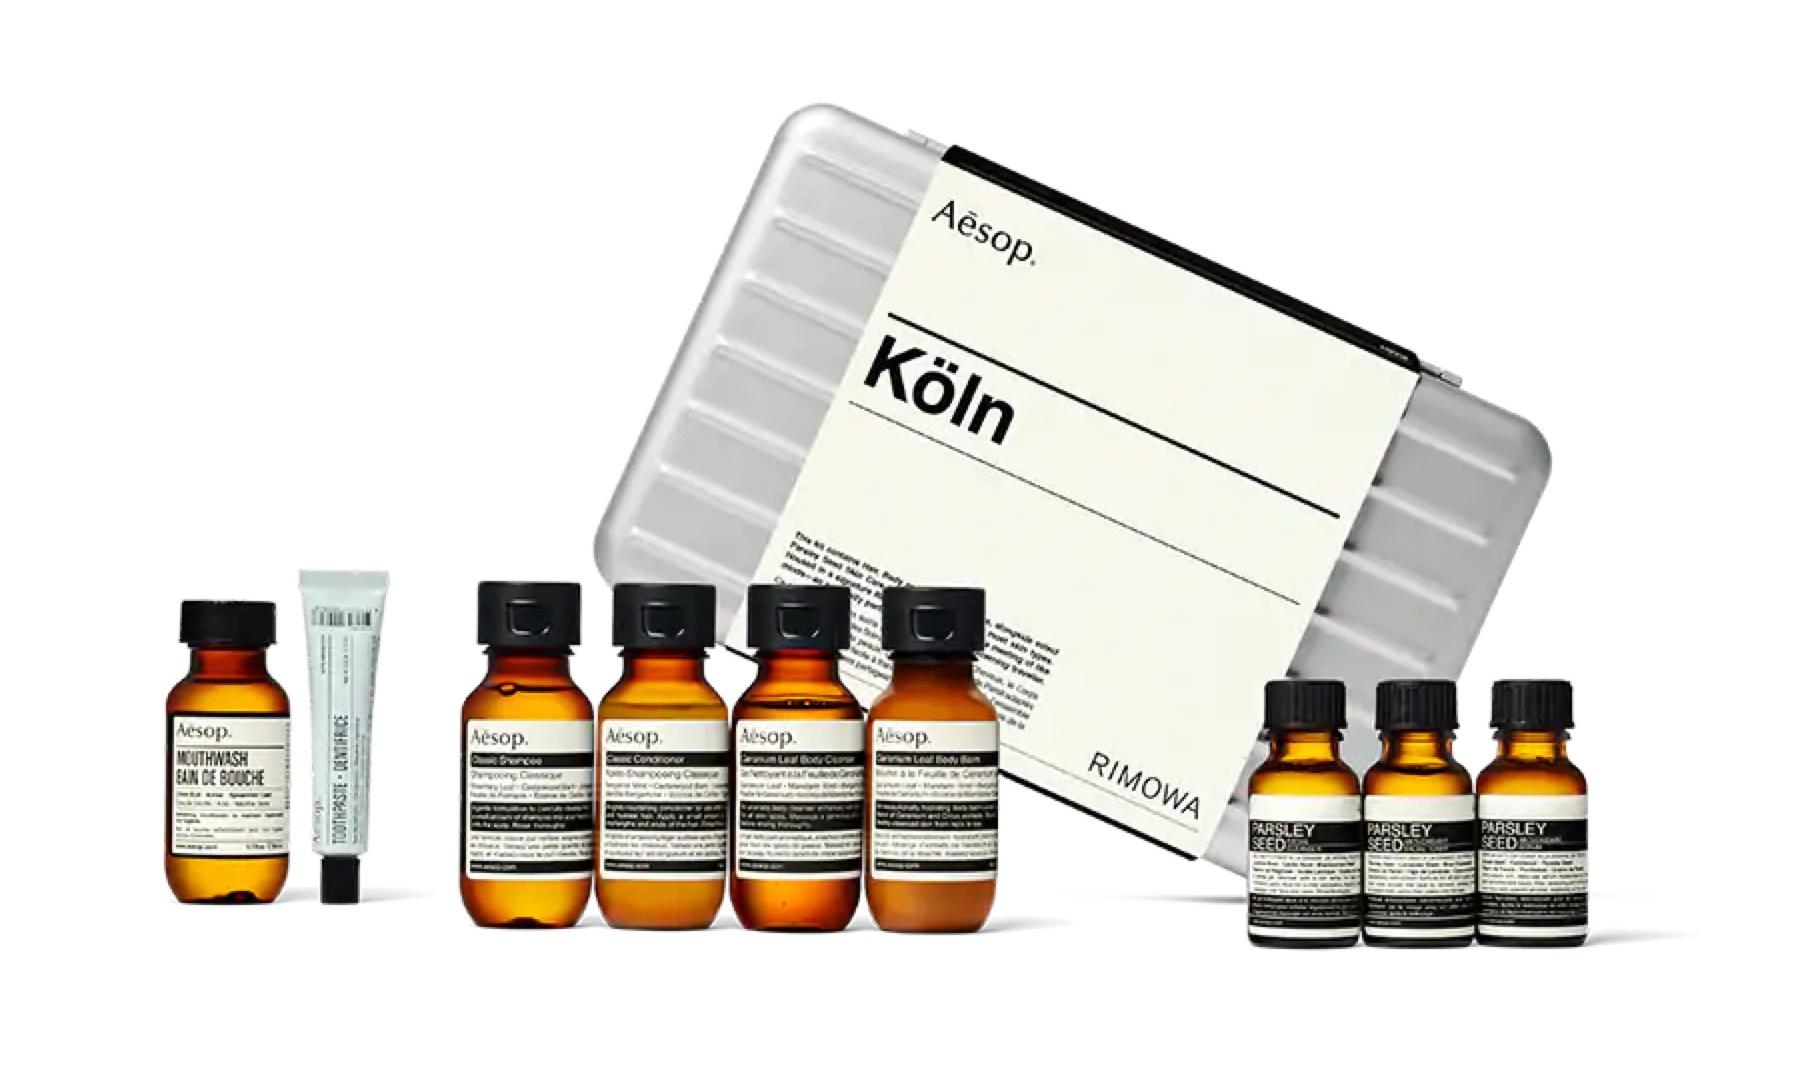 顶级旅行伴侣,RIMOWA x Aesop 联名 Köln Travel Kit 套装即将登场